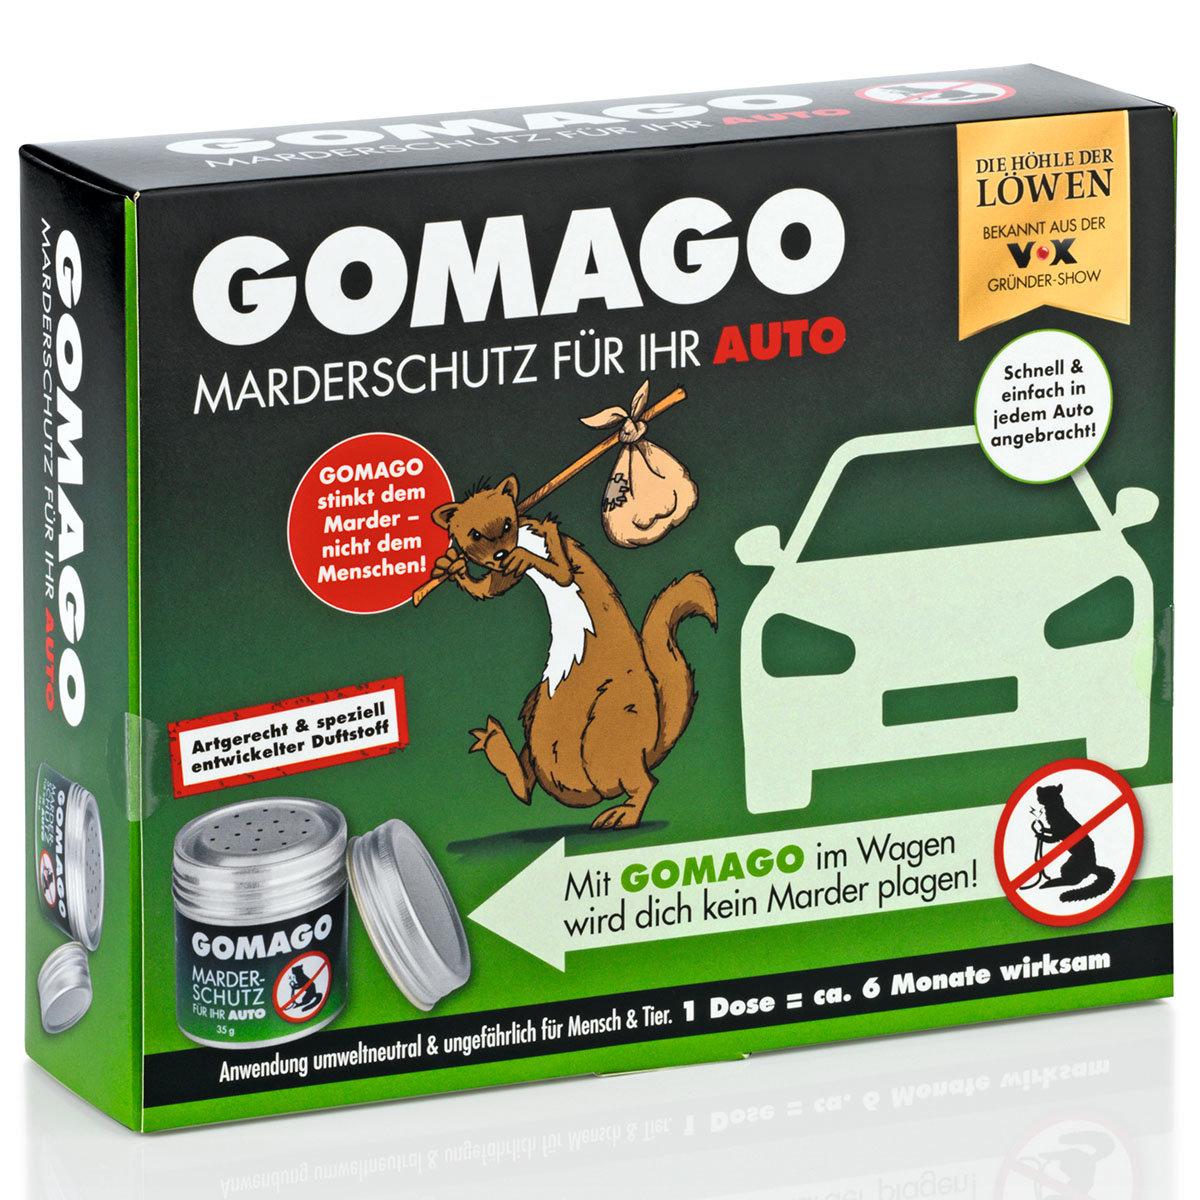 Marderverteiber Gomago für Ihr Auto | #5